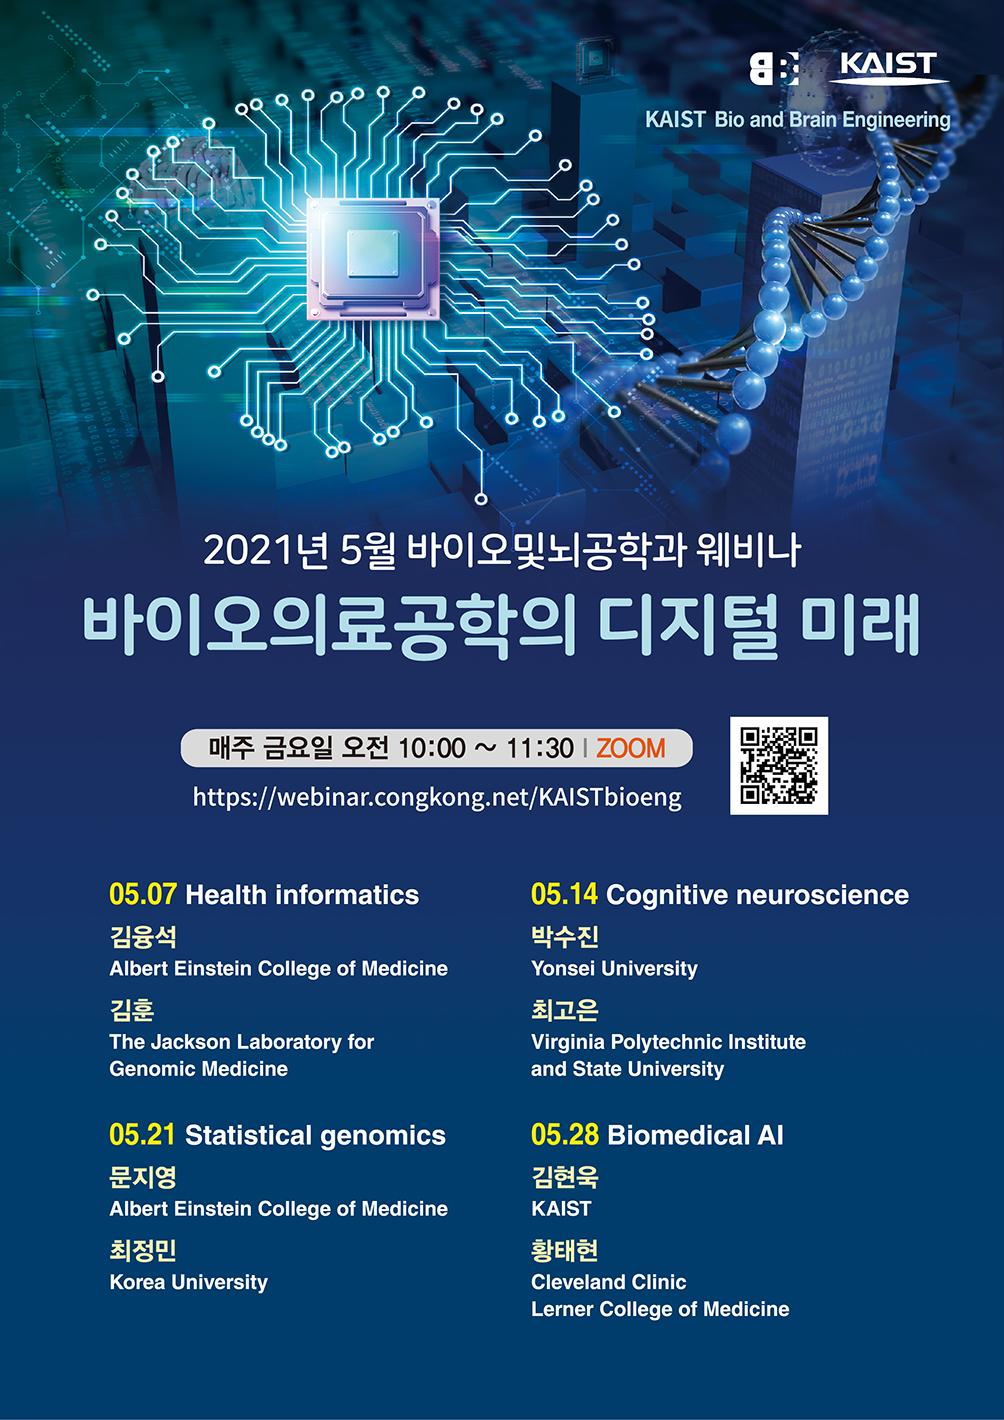 2021년 5월 바이오및뇌공학과 웨비나.jpg